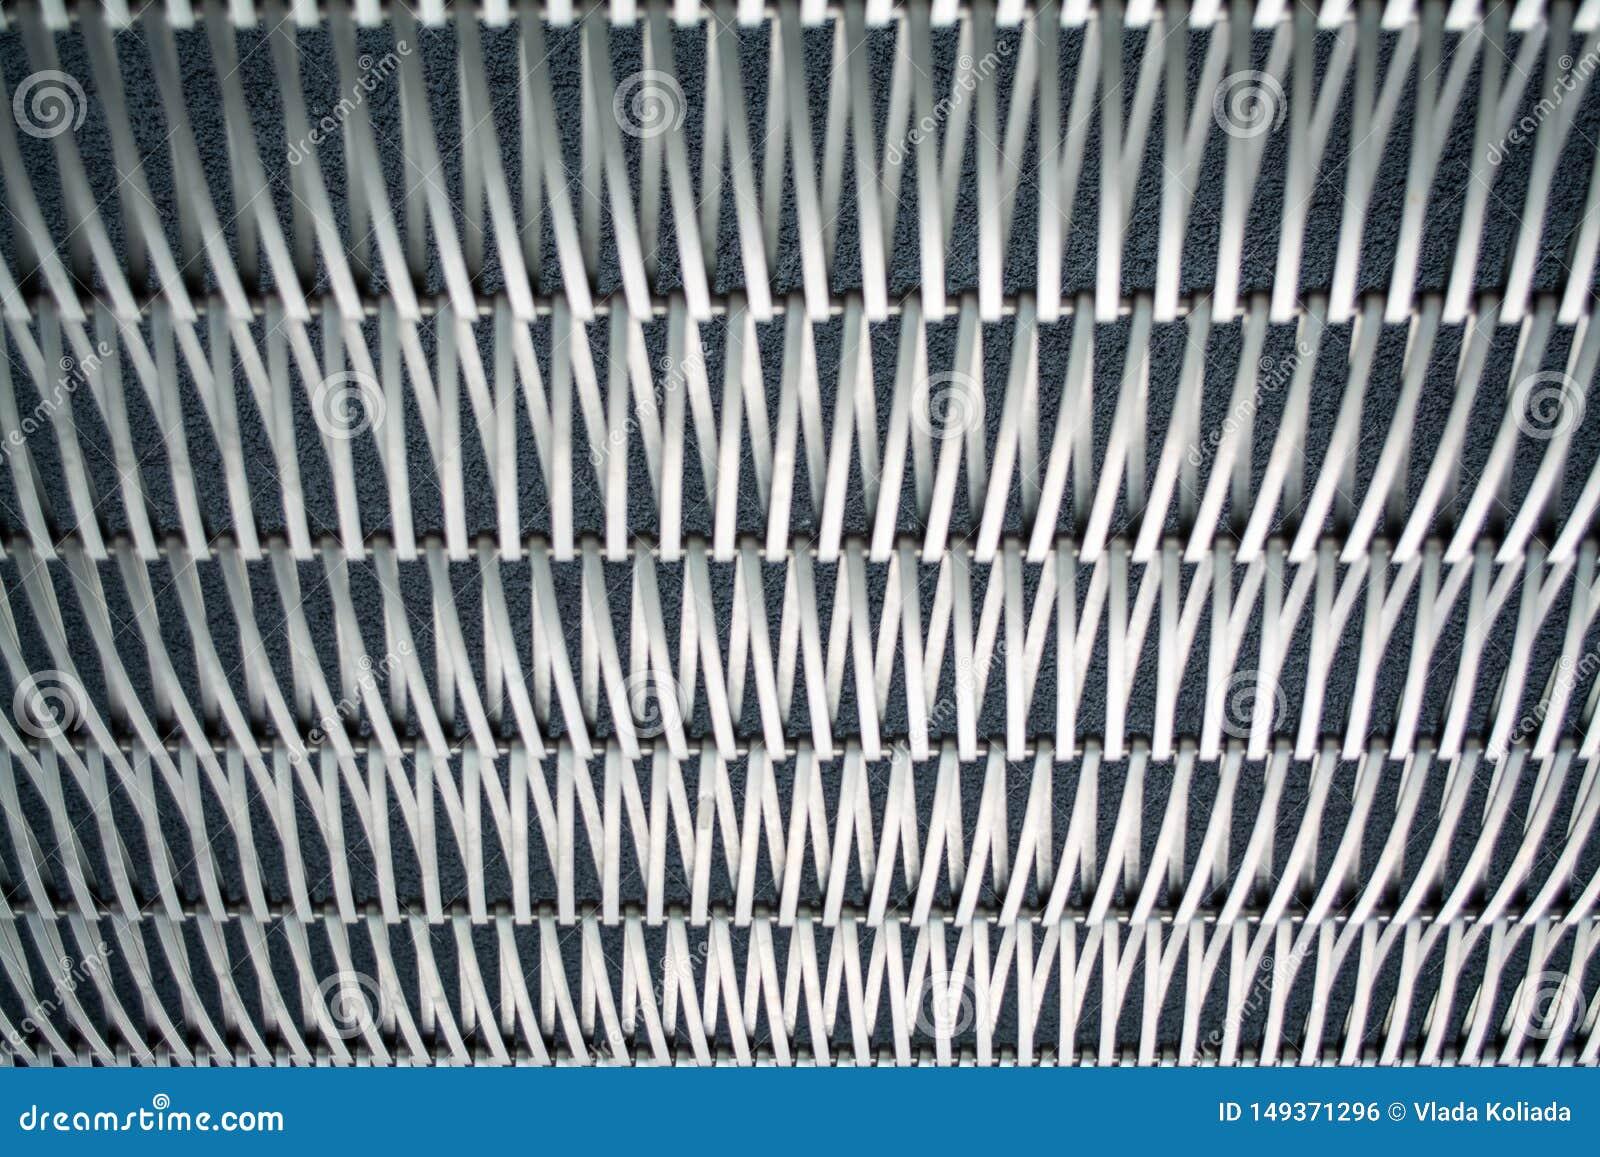 Hintergrund oder Beschaffenheit auf einer grauen Wand ein Gitter vom Metall ein Draht, die unter selbst sich verflechten Haken un